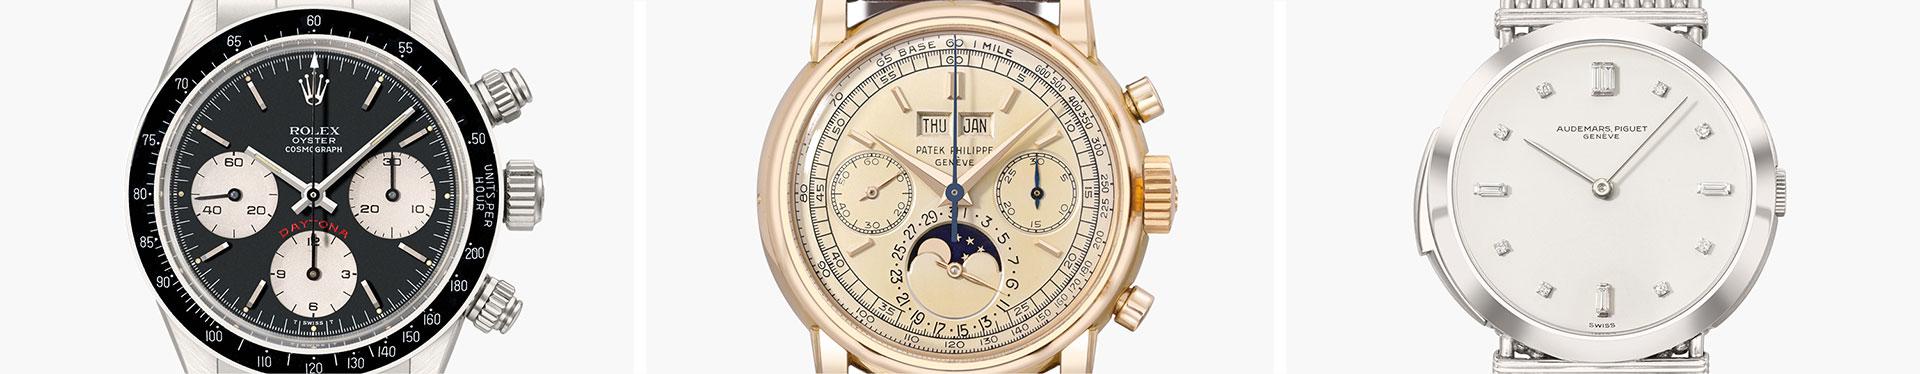 watches-banner-FINAL_60_1_20170104110714.jpg